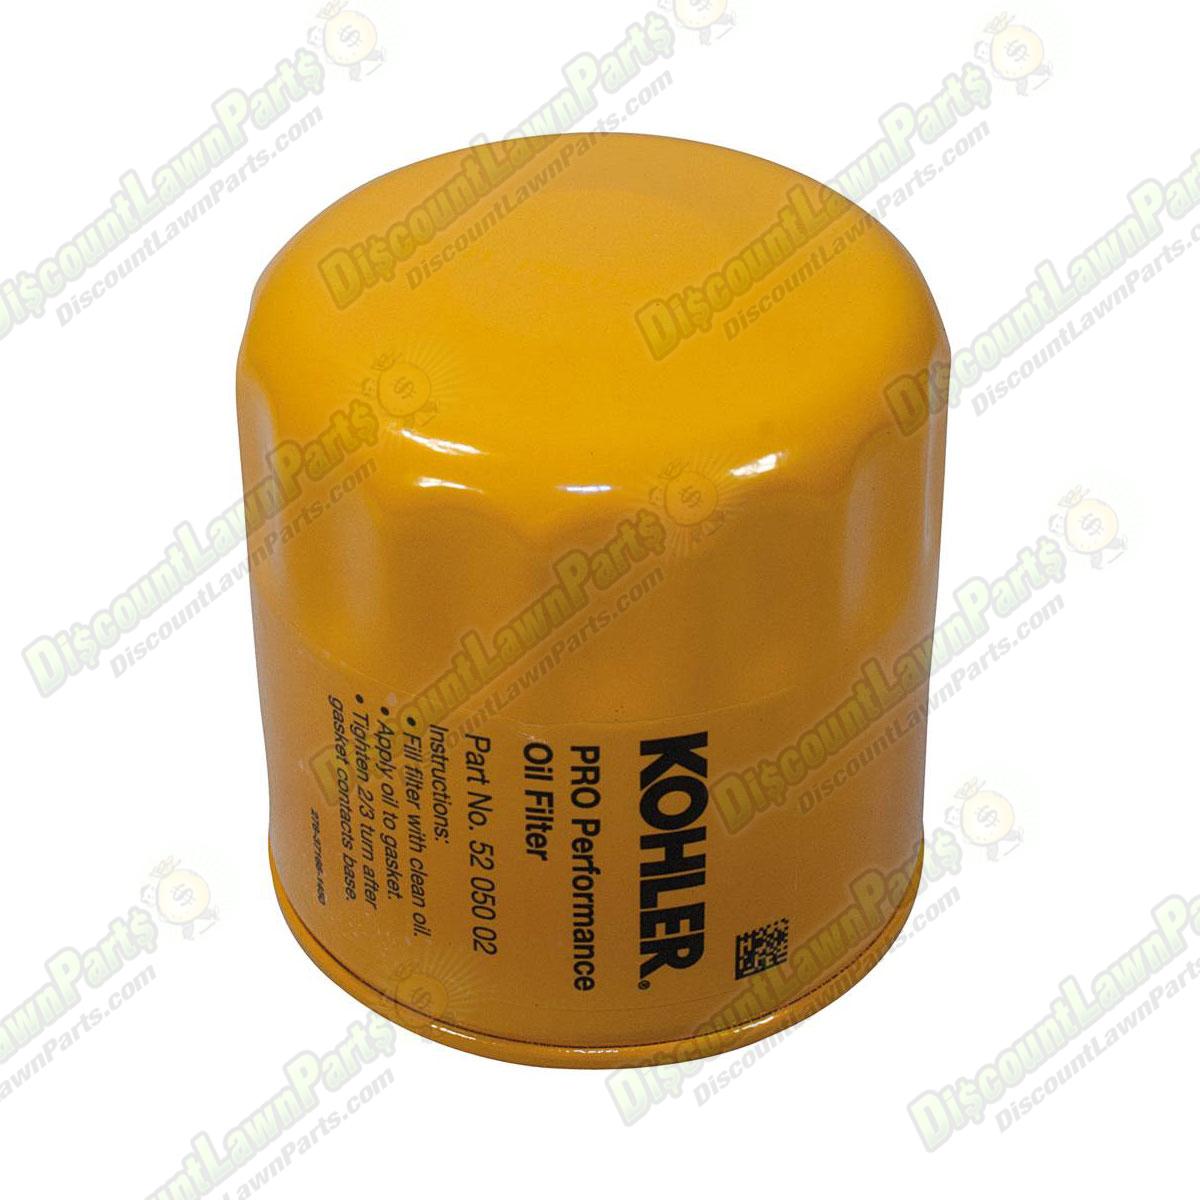 Oil Filter / Kohler 52 050 02-S